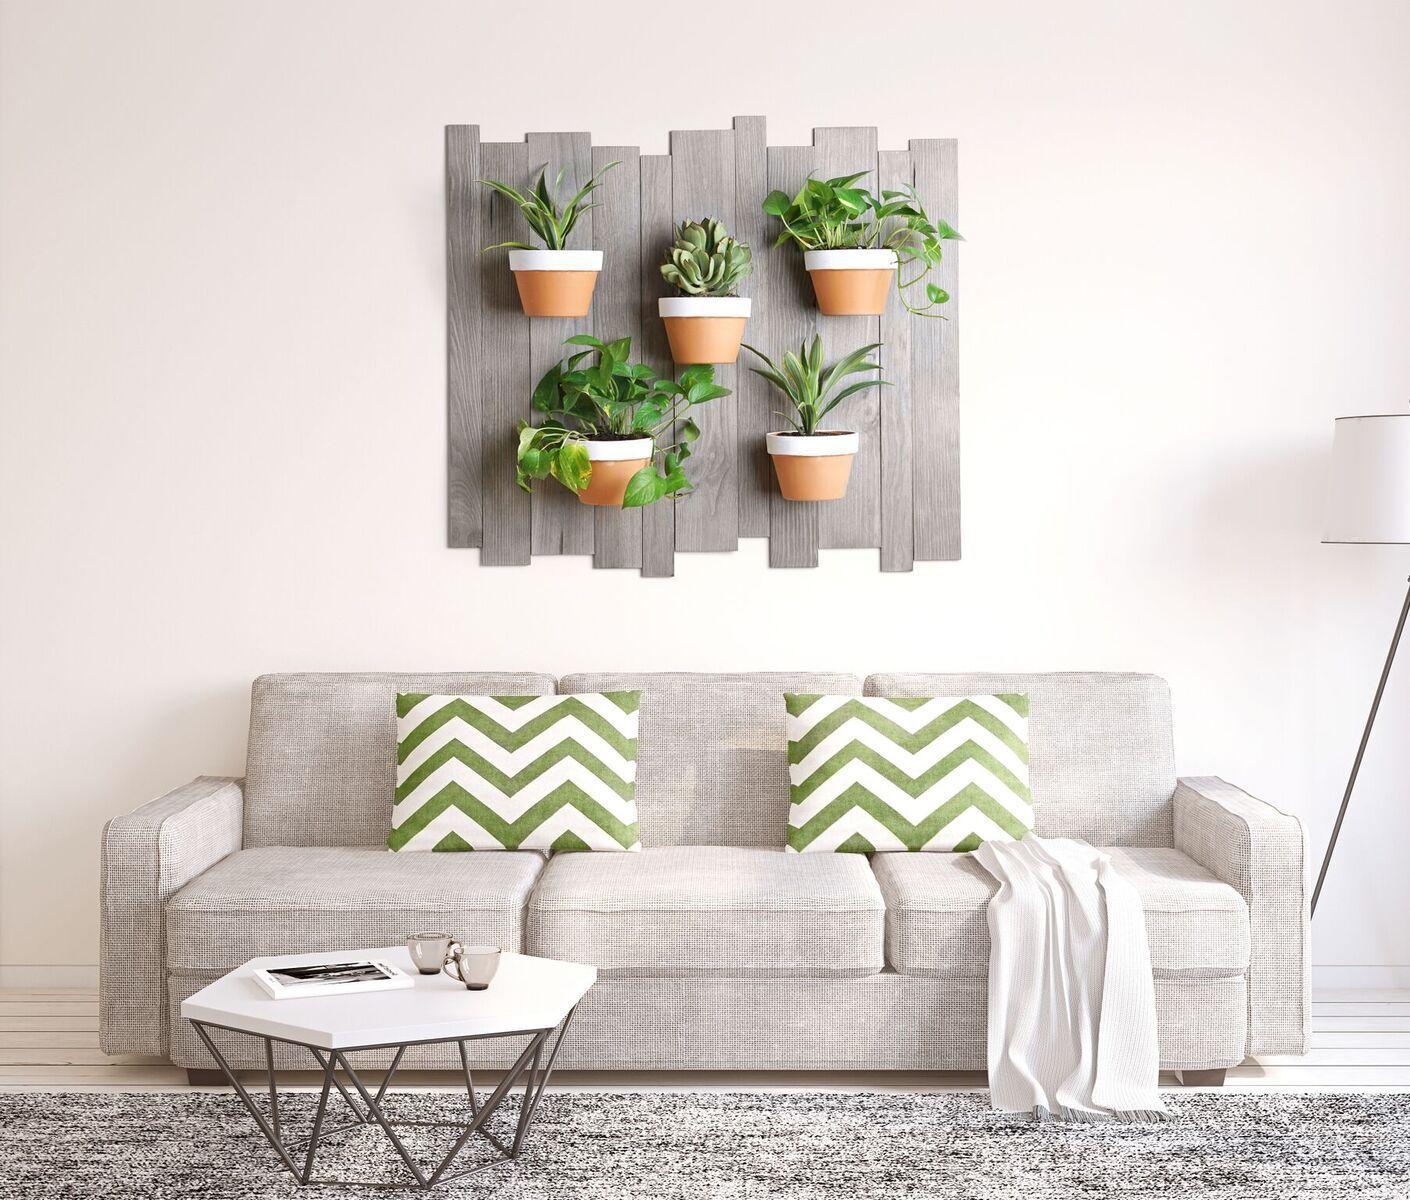 DIY Vertical Garden For Your Home